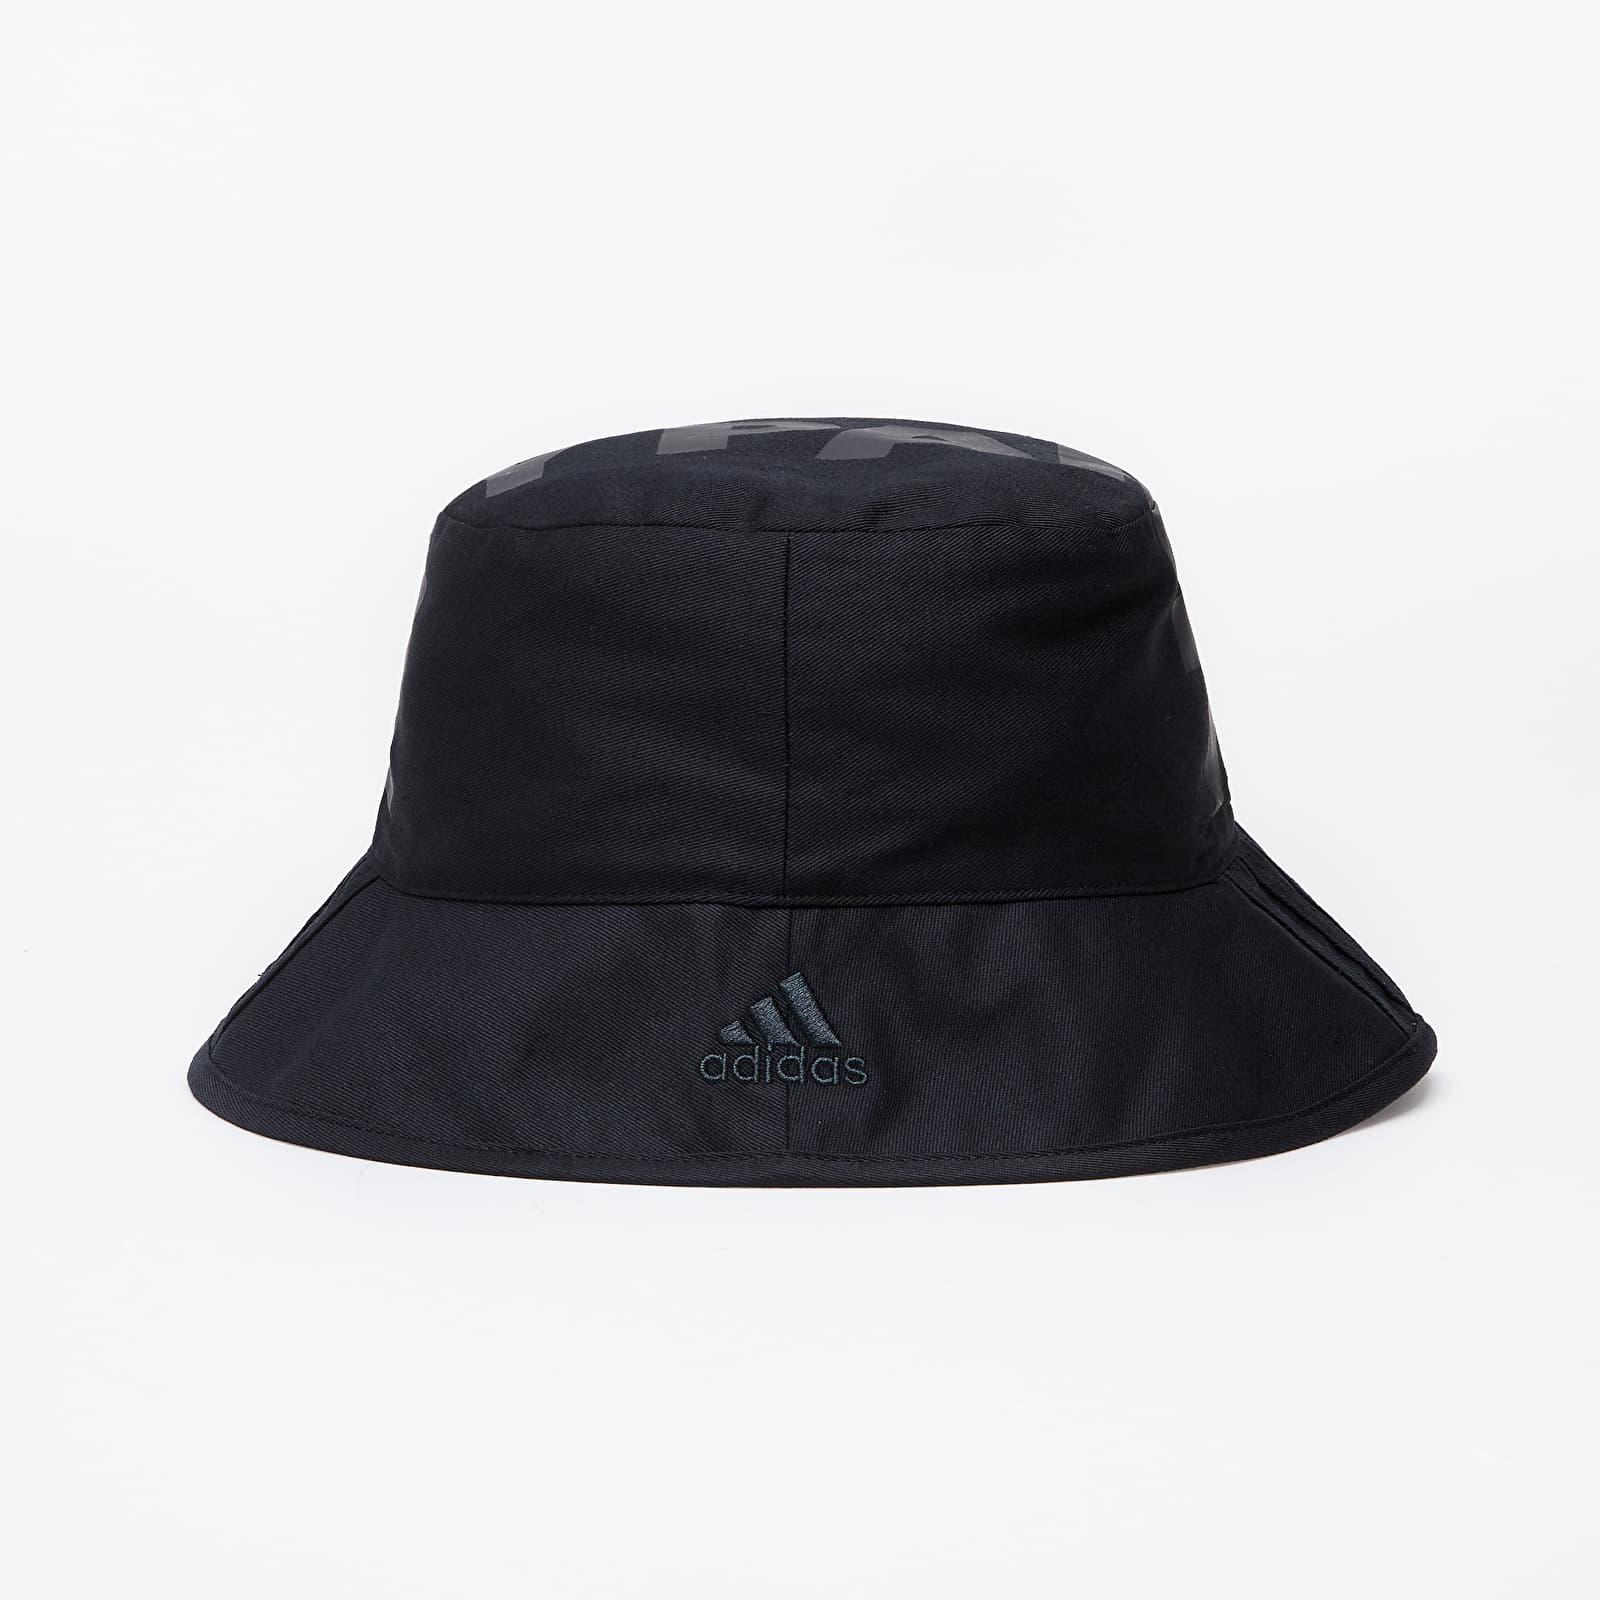 Caps and Hats adidas x Ivy Park Belt Bag Black